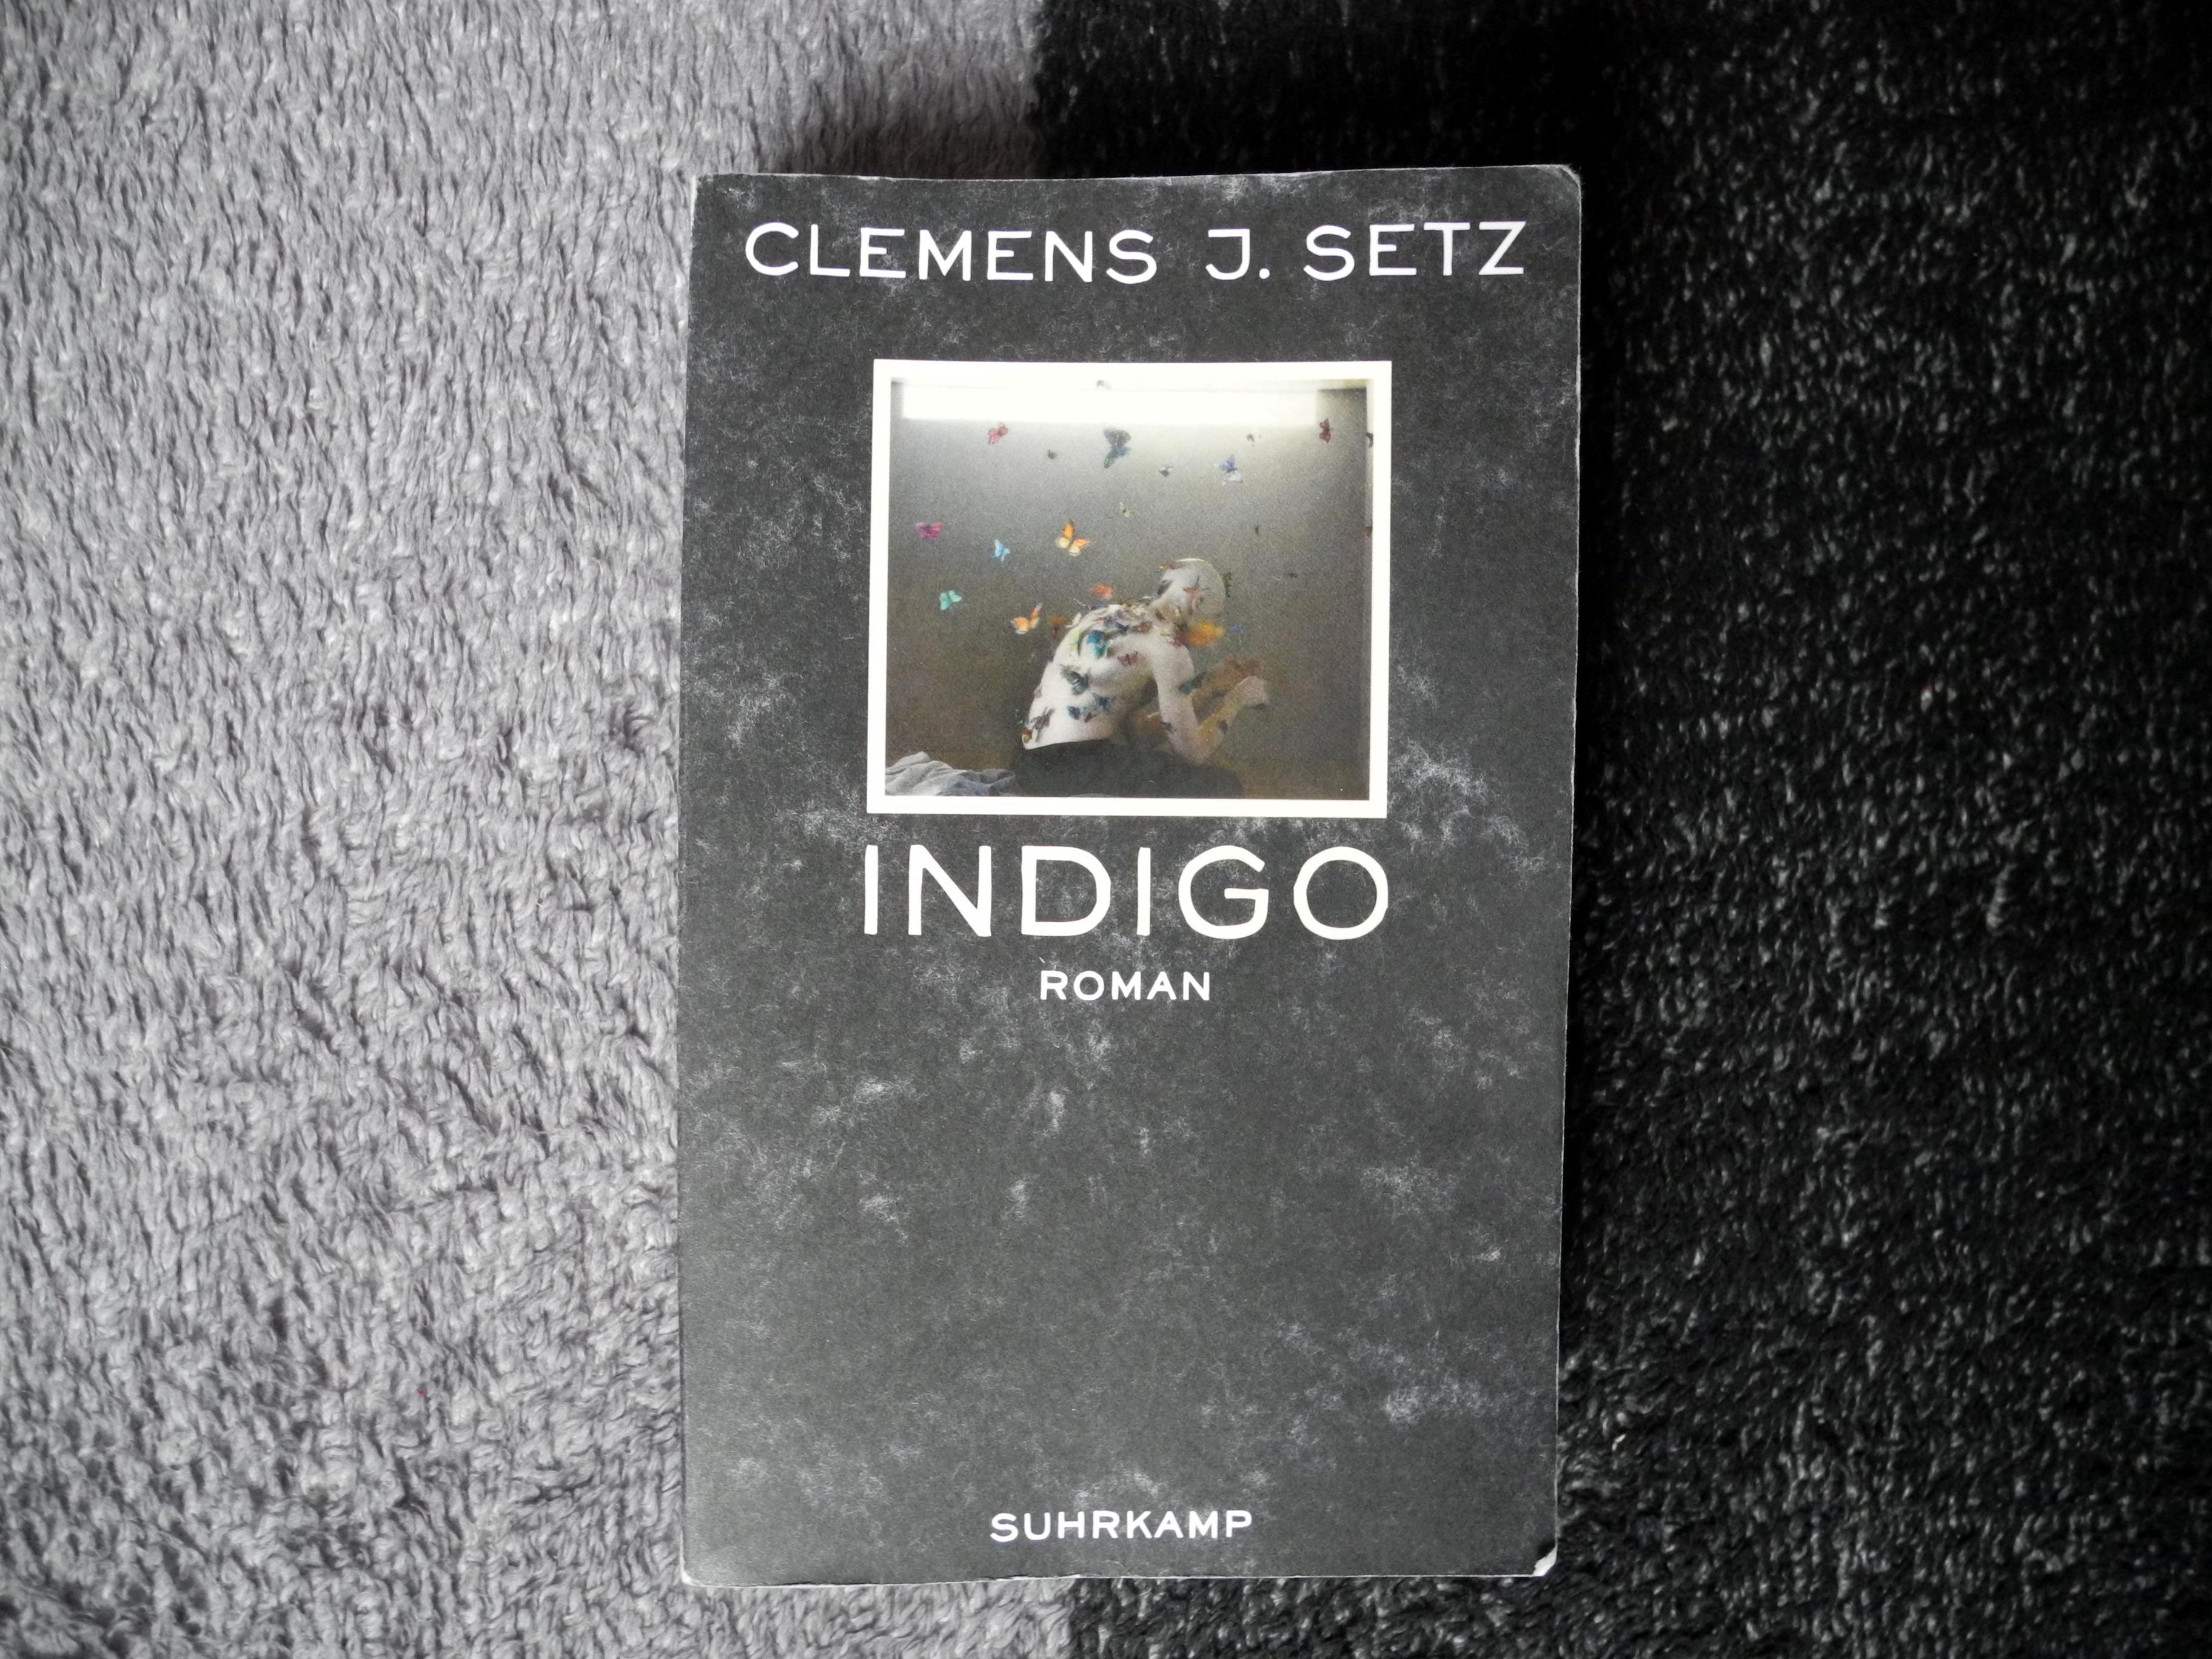 Clemens Setz Indigo